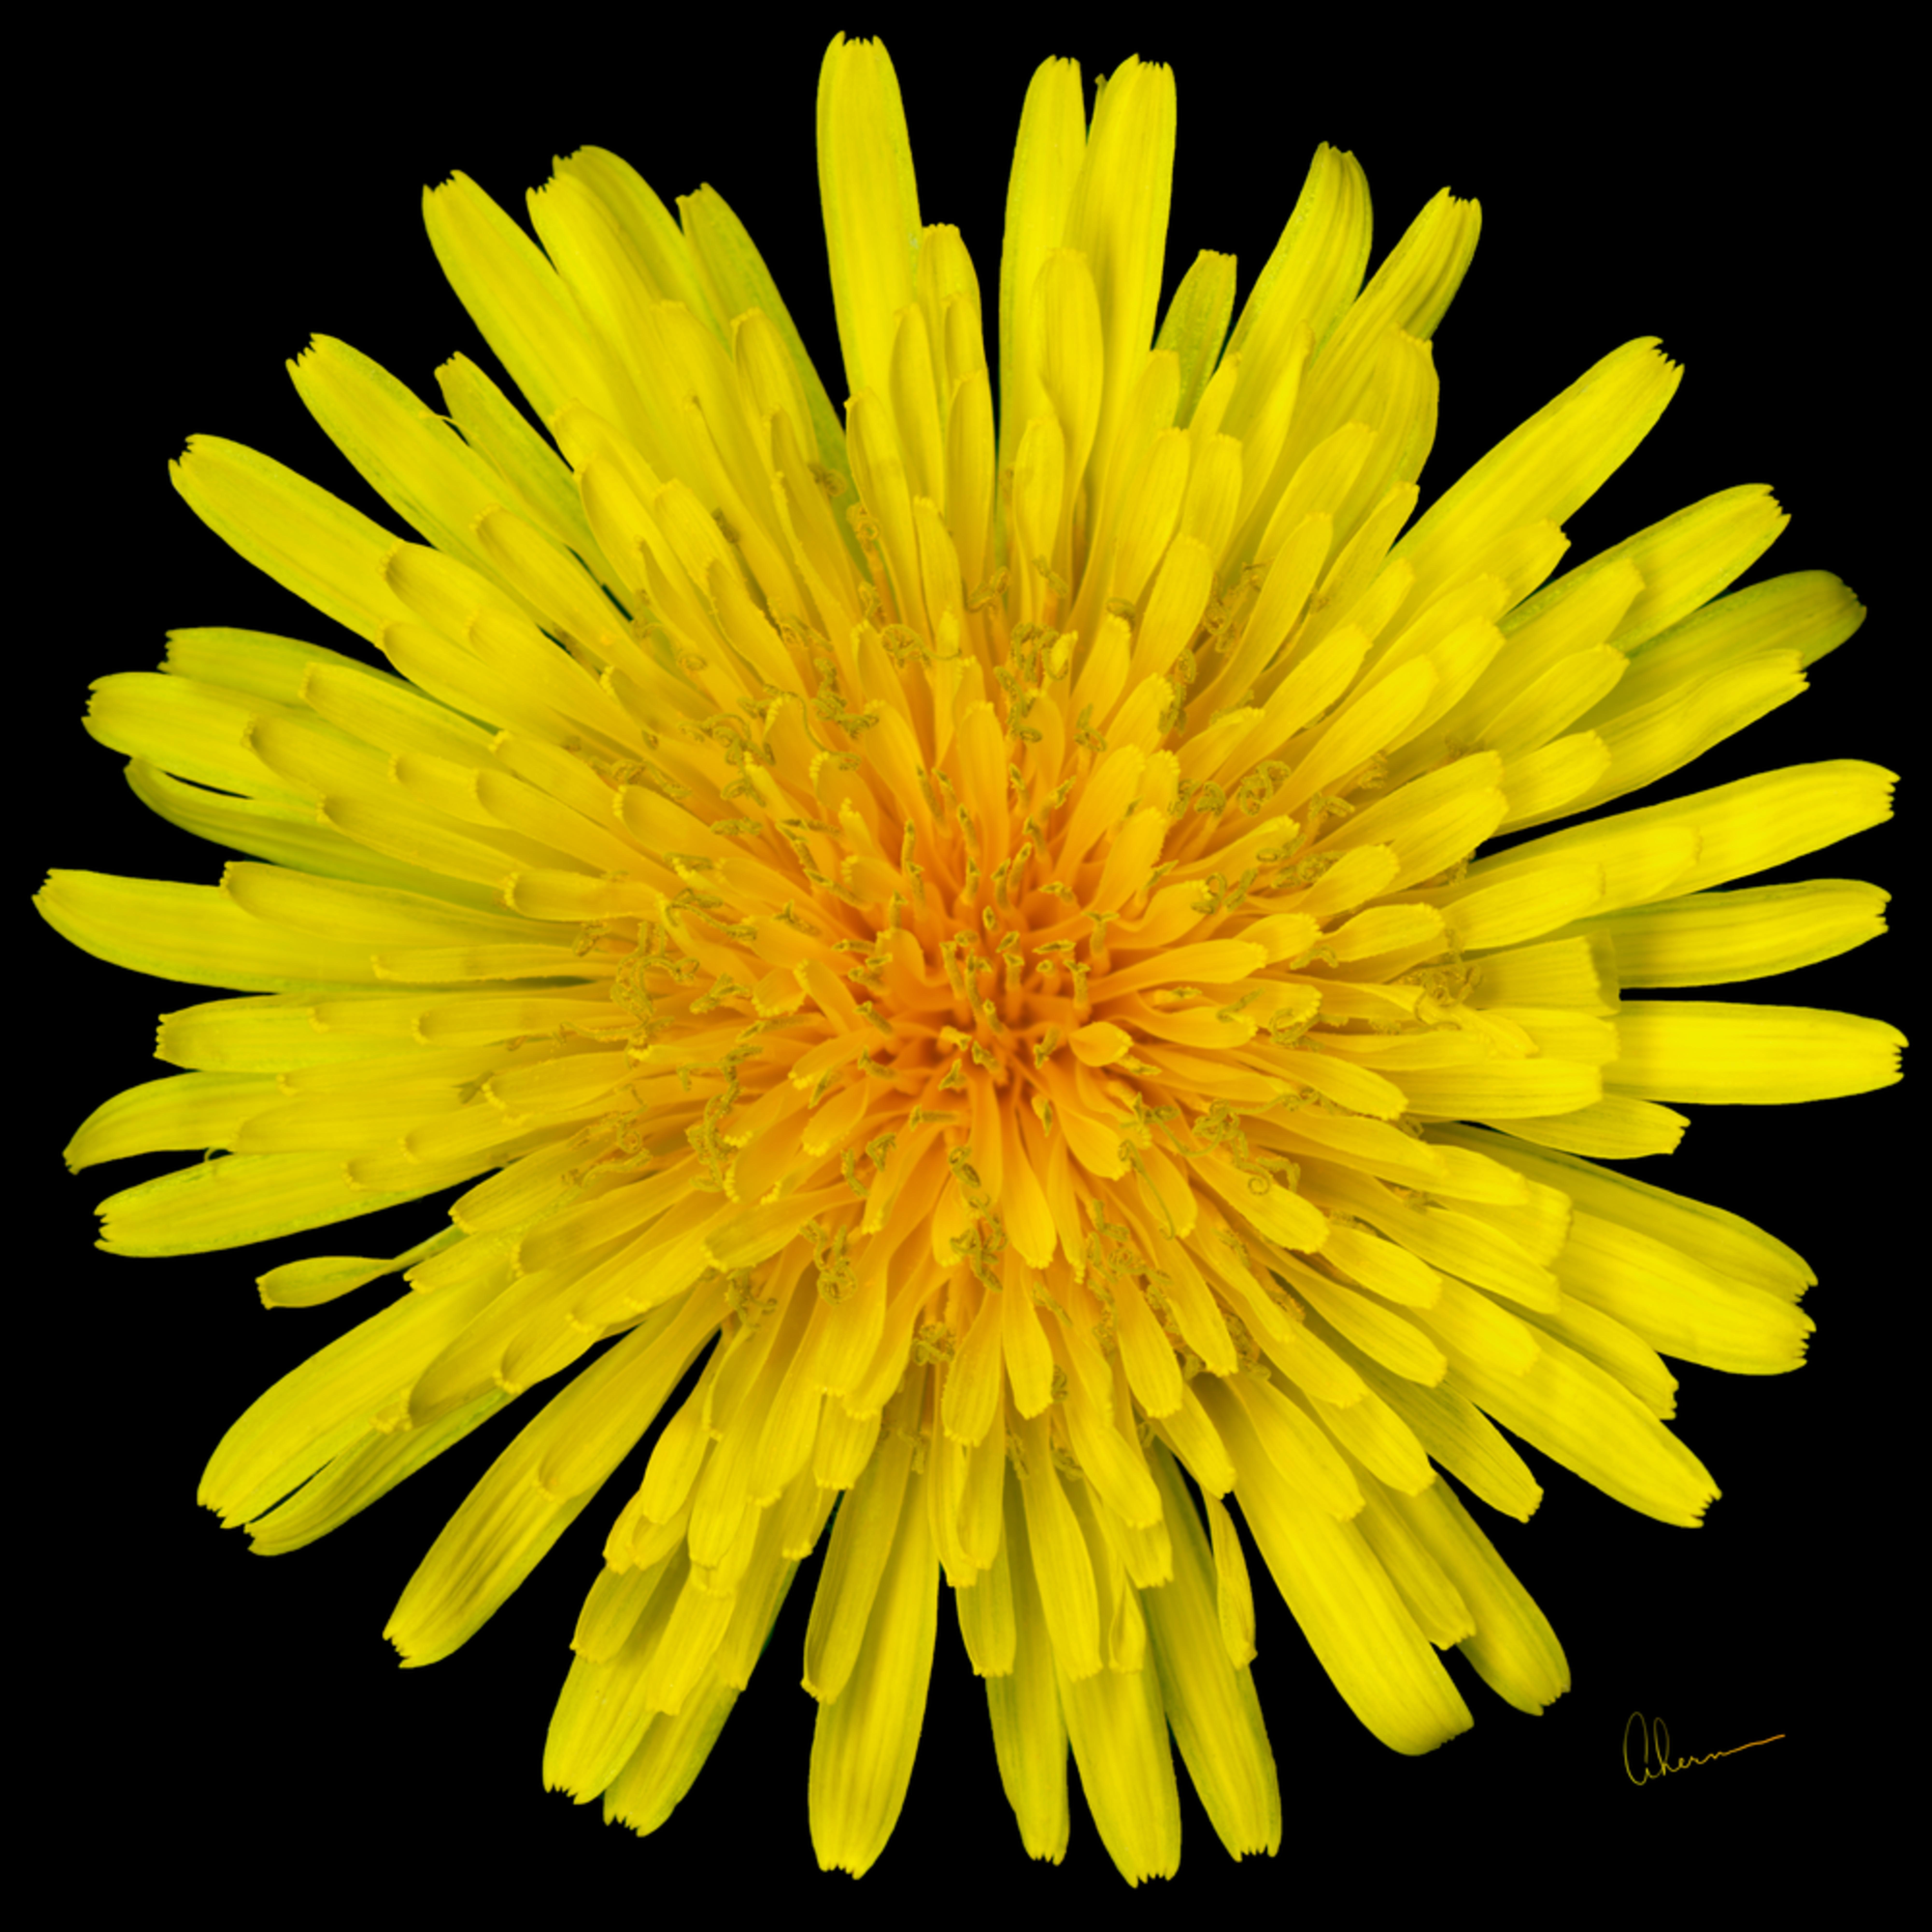 180504 ahern dandelion flower squared 30x30x300 f9hnir